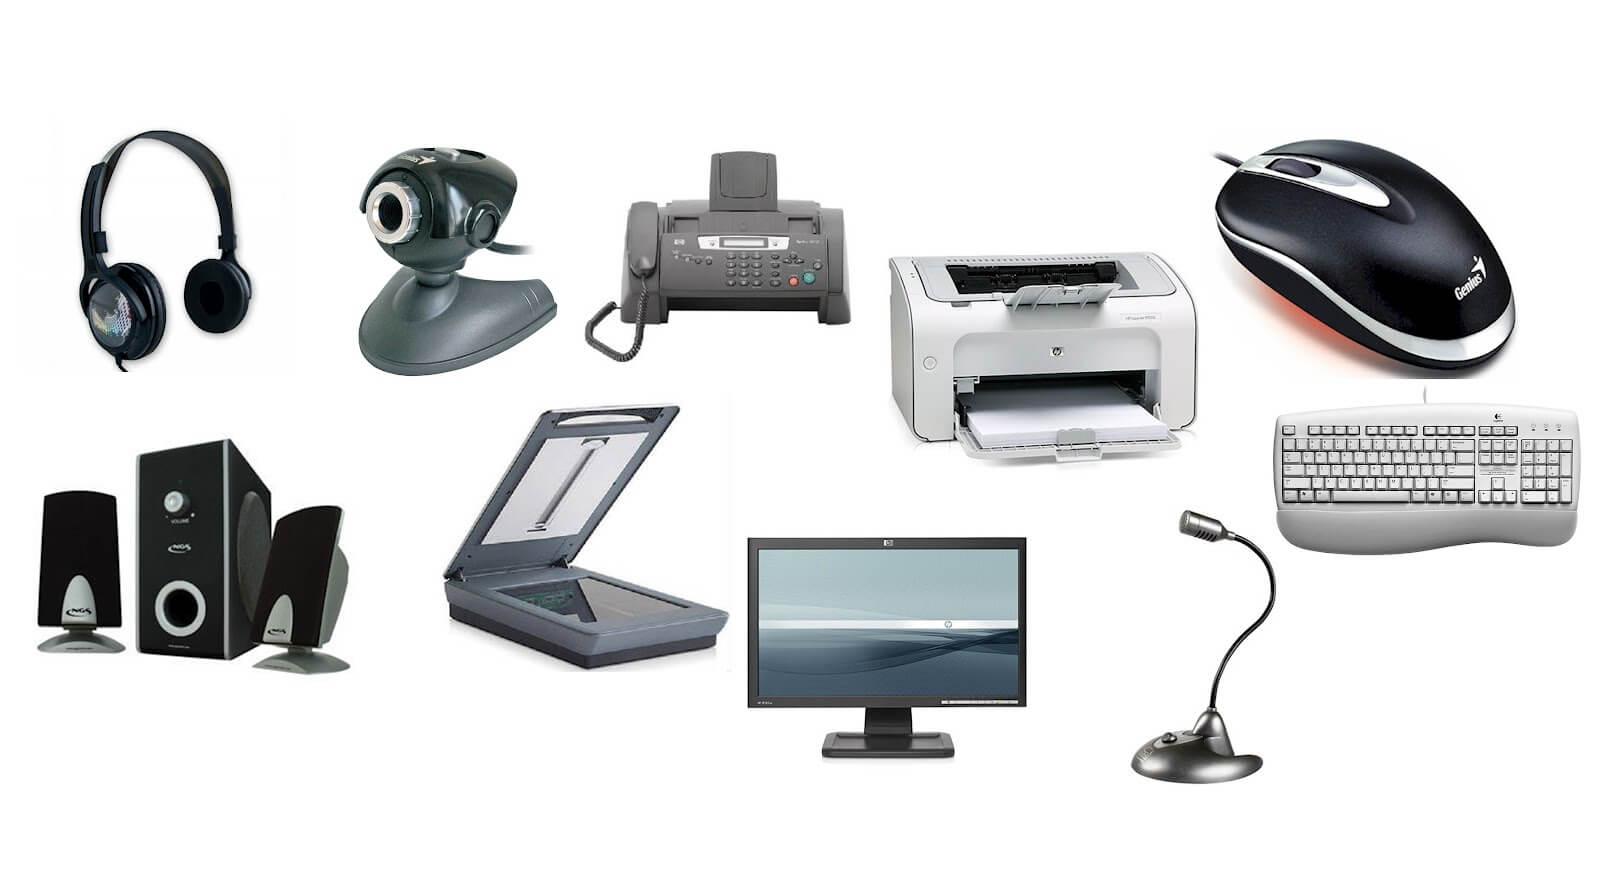 Периферийные устройства компьютера